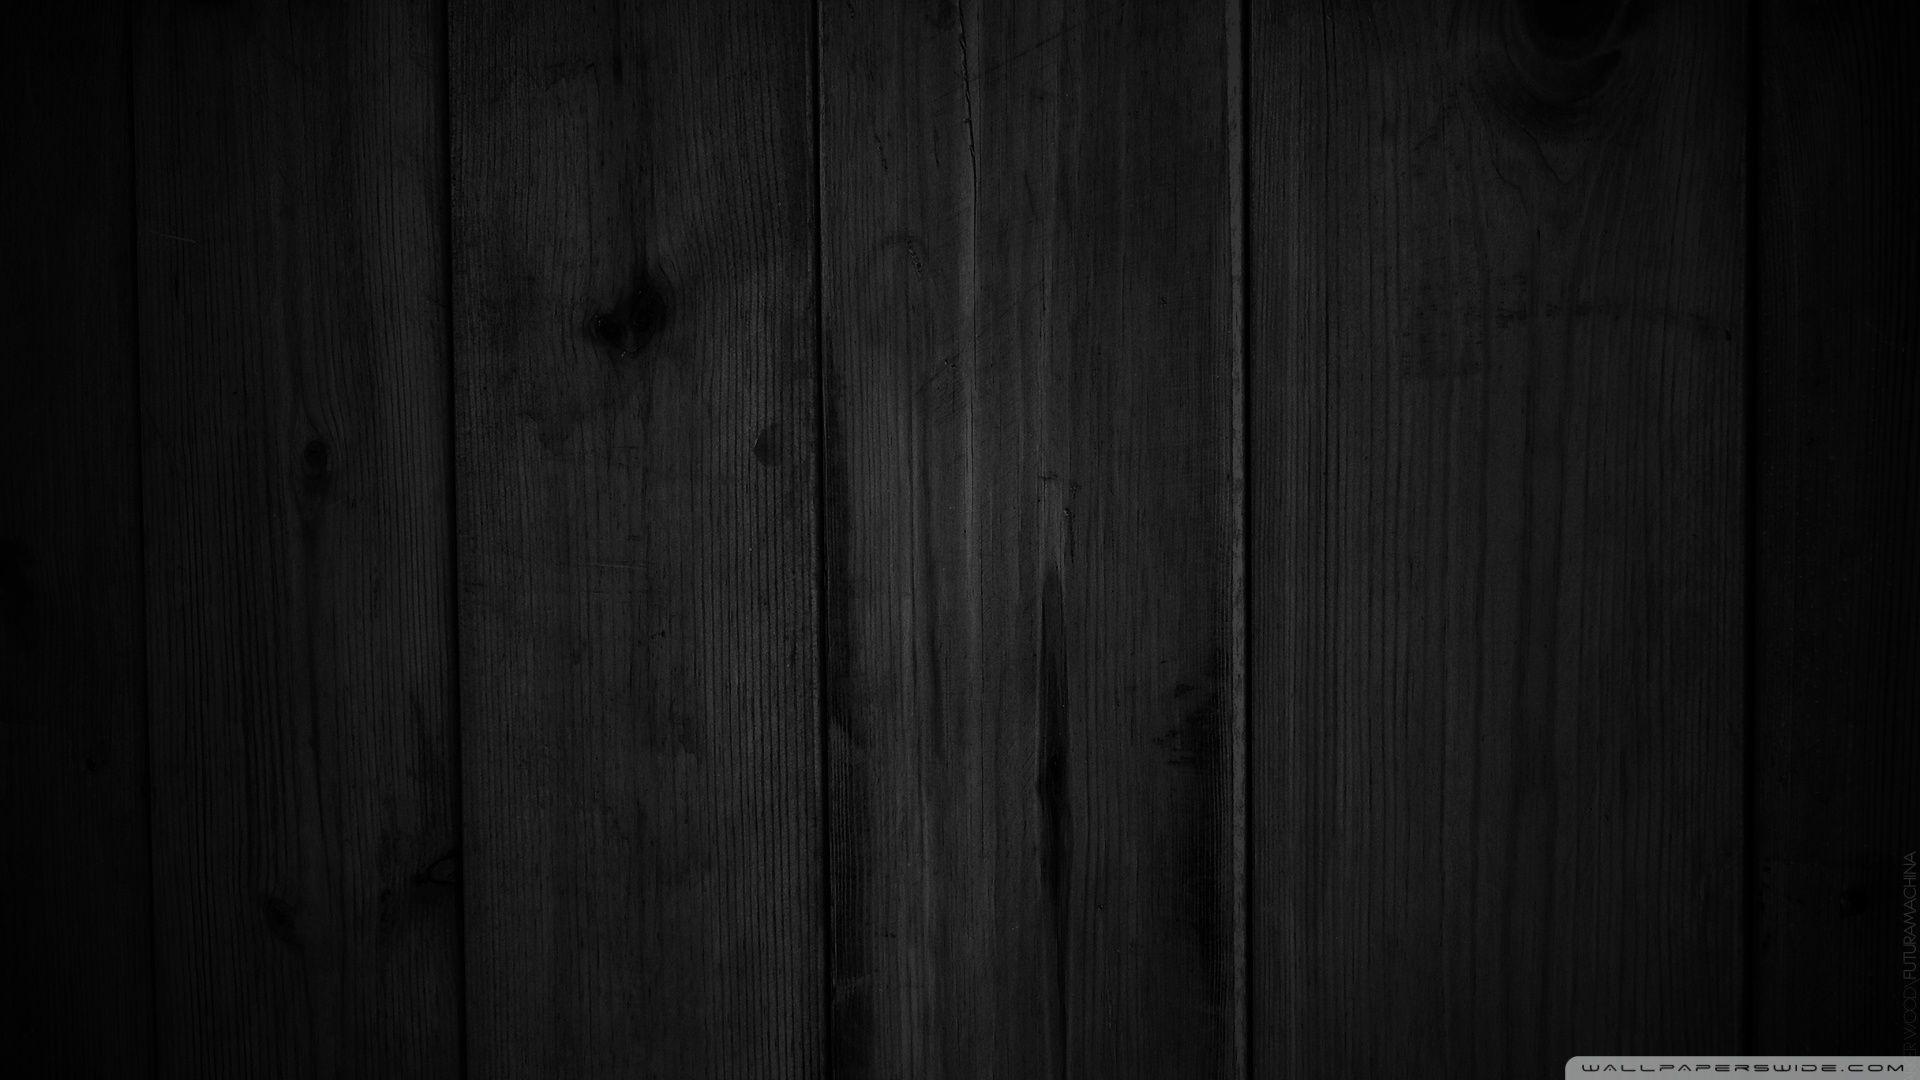 Dark Desktop Backgrounds - Wallpaper Cave